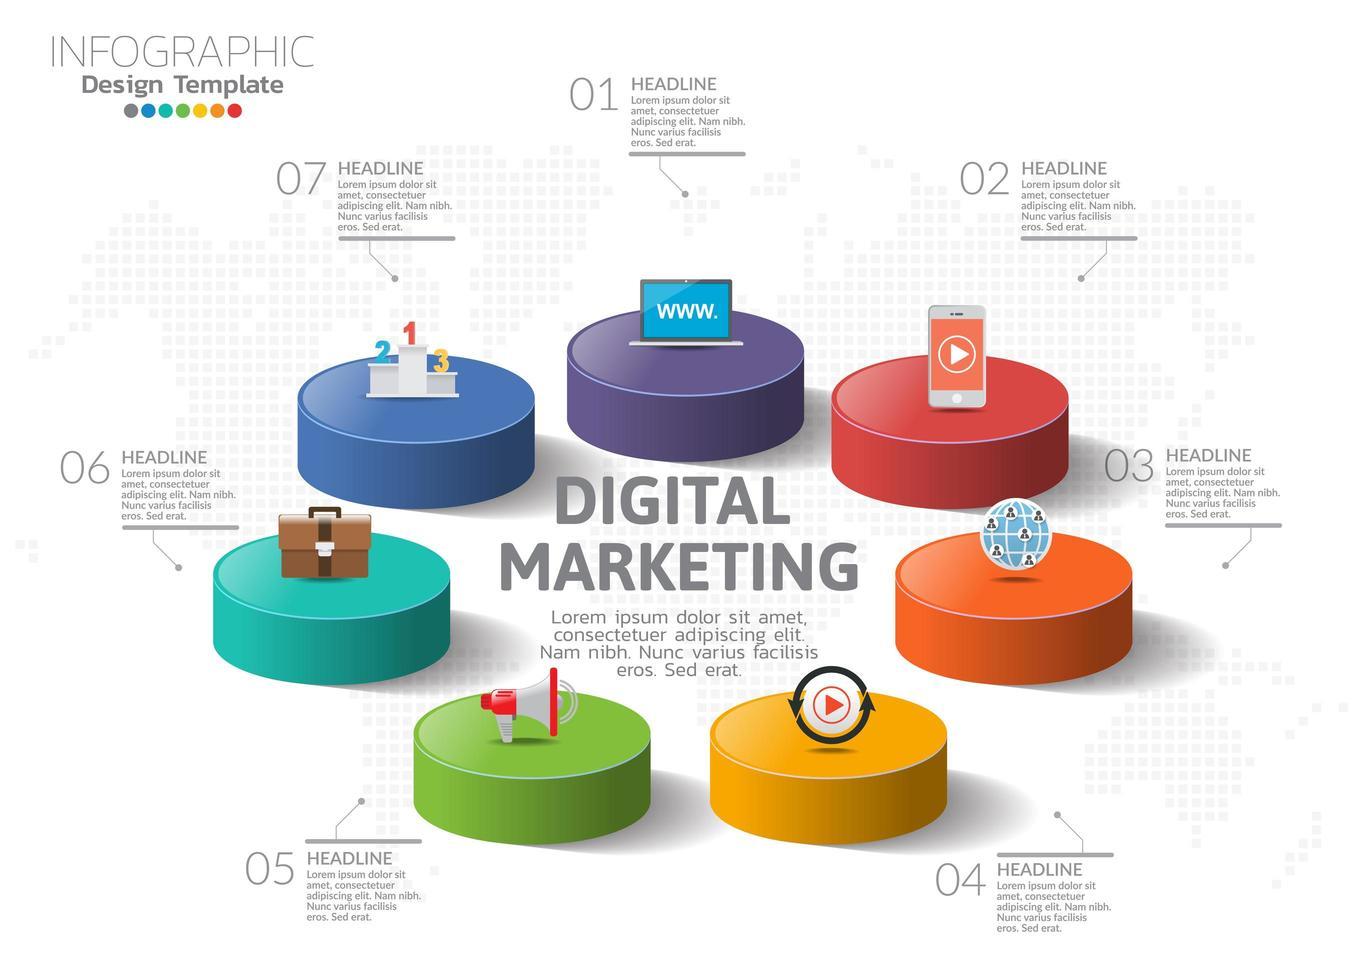 concept de marketing numérique. graphique infographique avec des icônes, peut être utilisé pour la mise en page de flux de travail, diagramme, rapport, conception de sites Web. vecteur